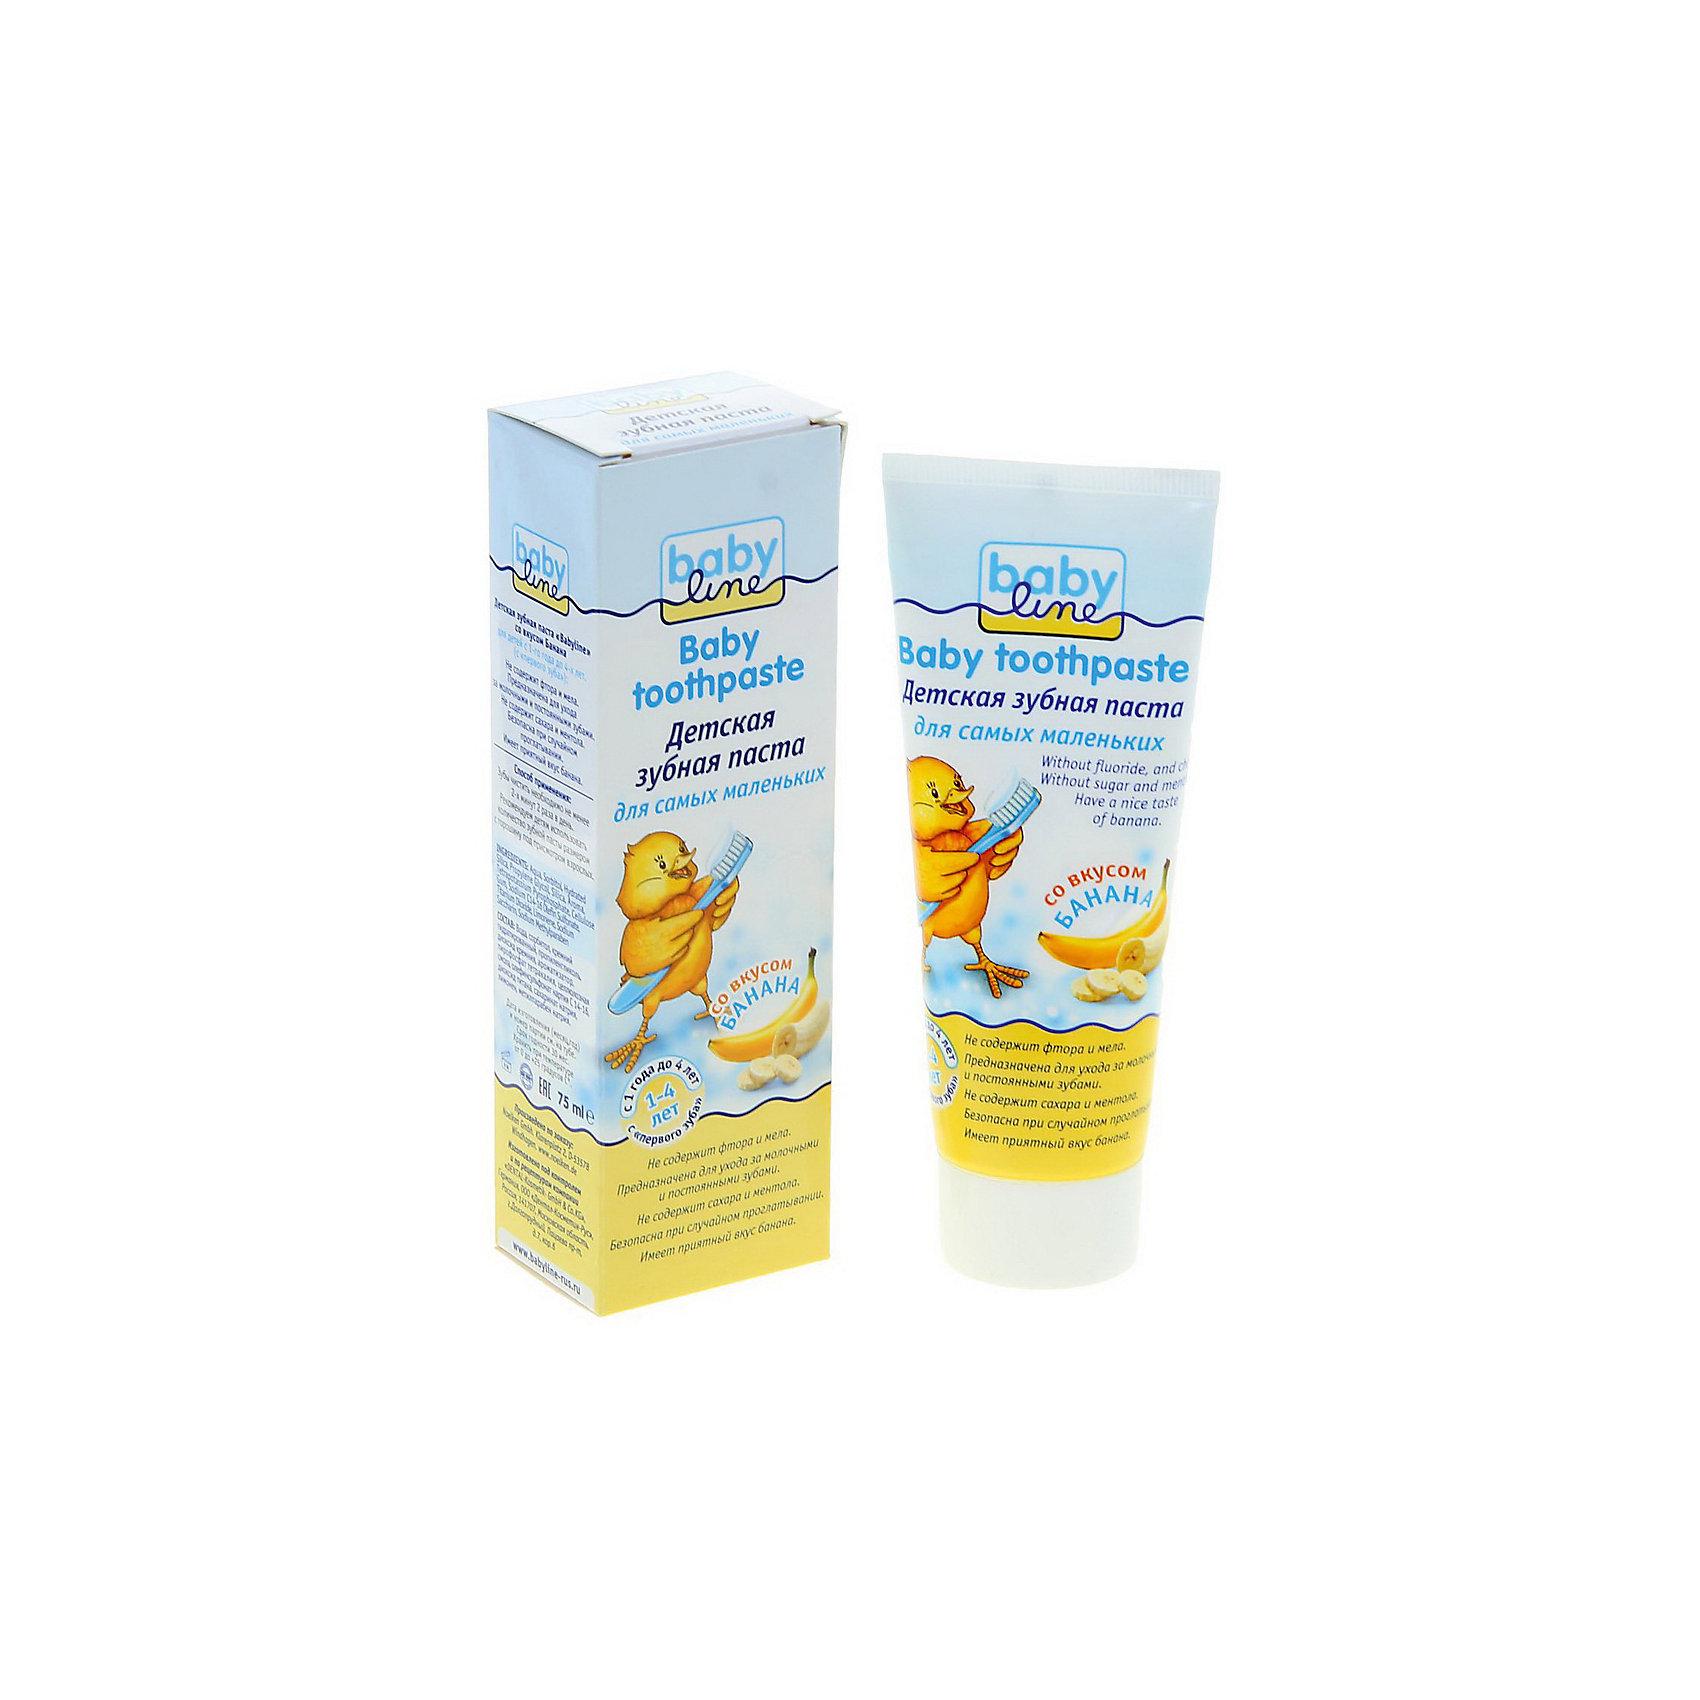 Детская зубная паста со вкусом банана, Babyline, 75 мл